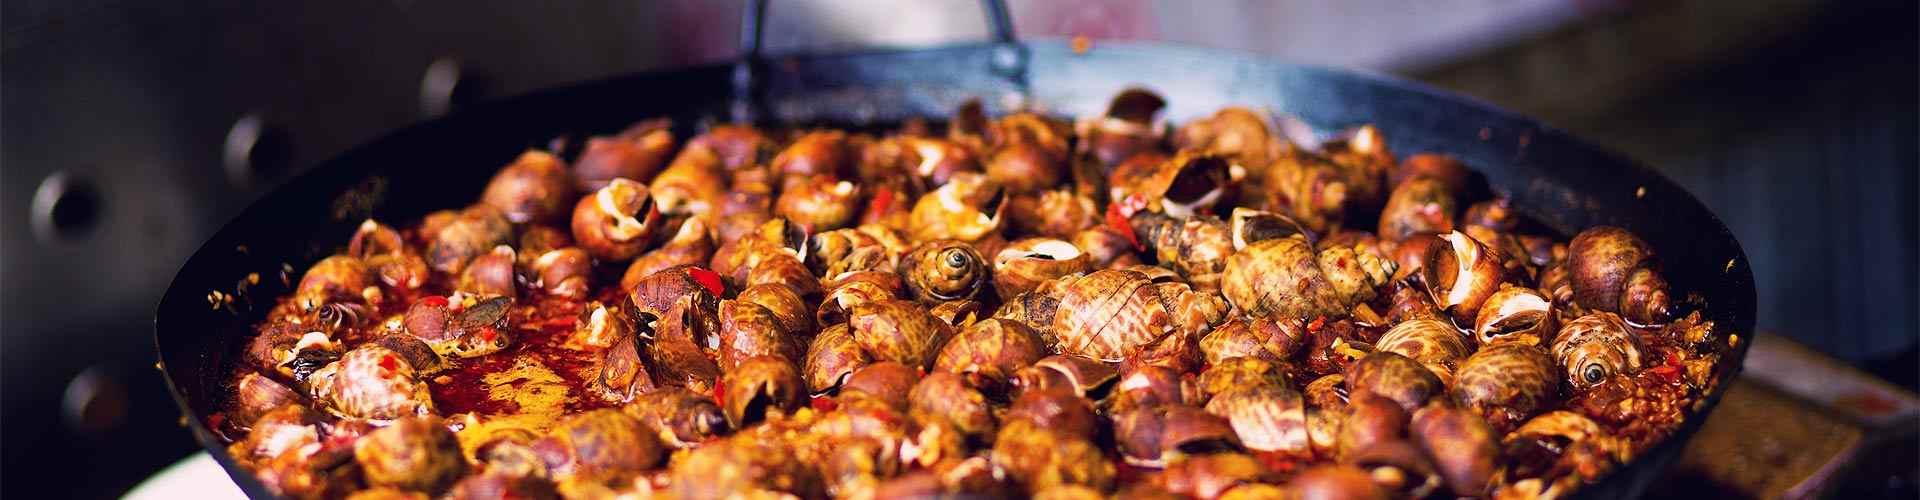 comer caracoles en restaurantes de Girona